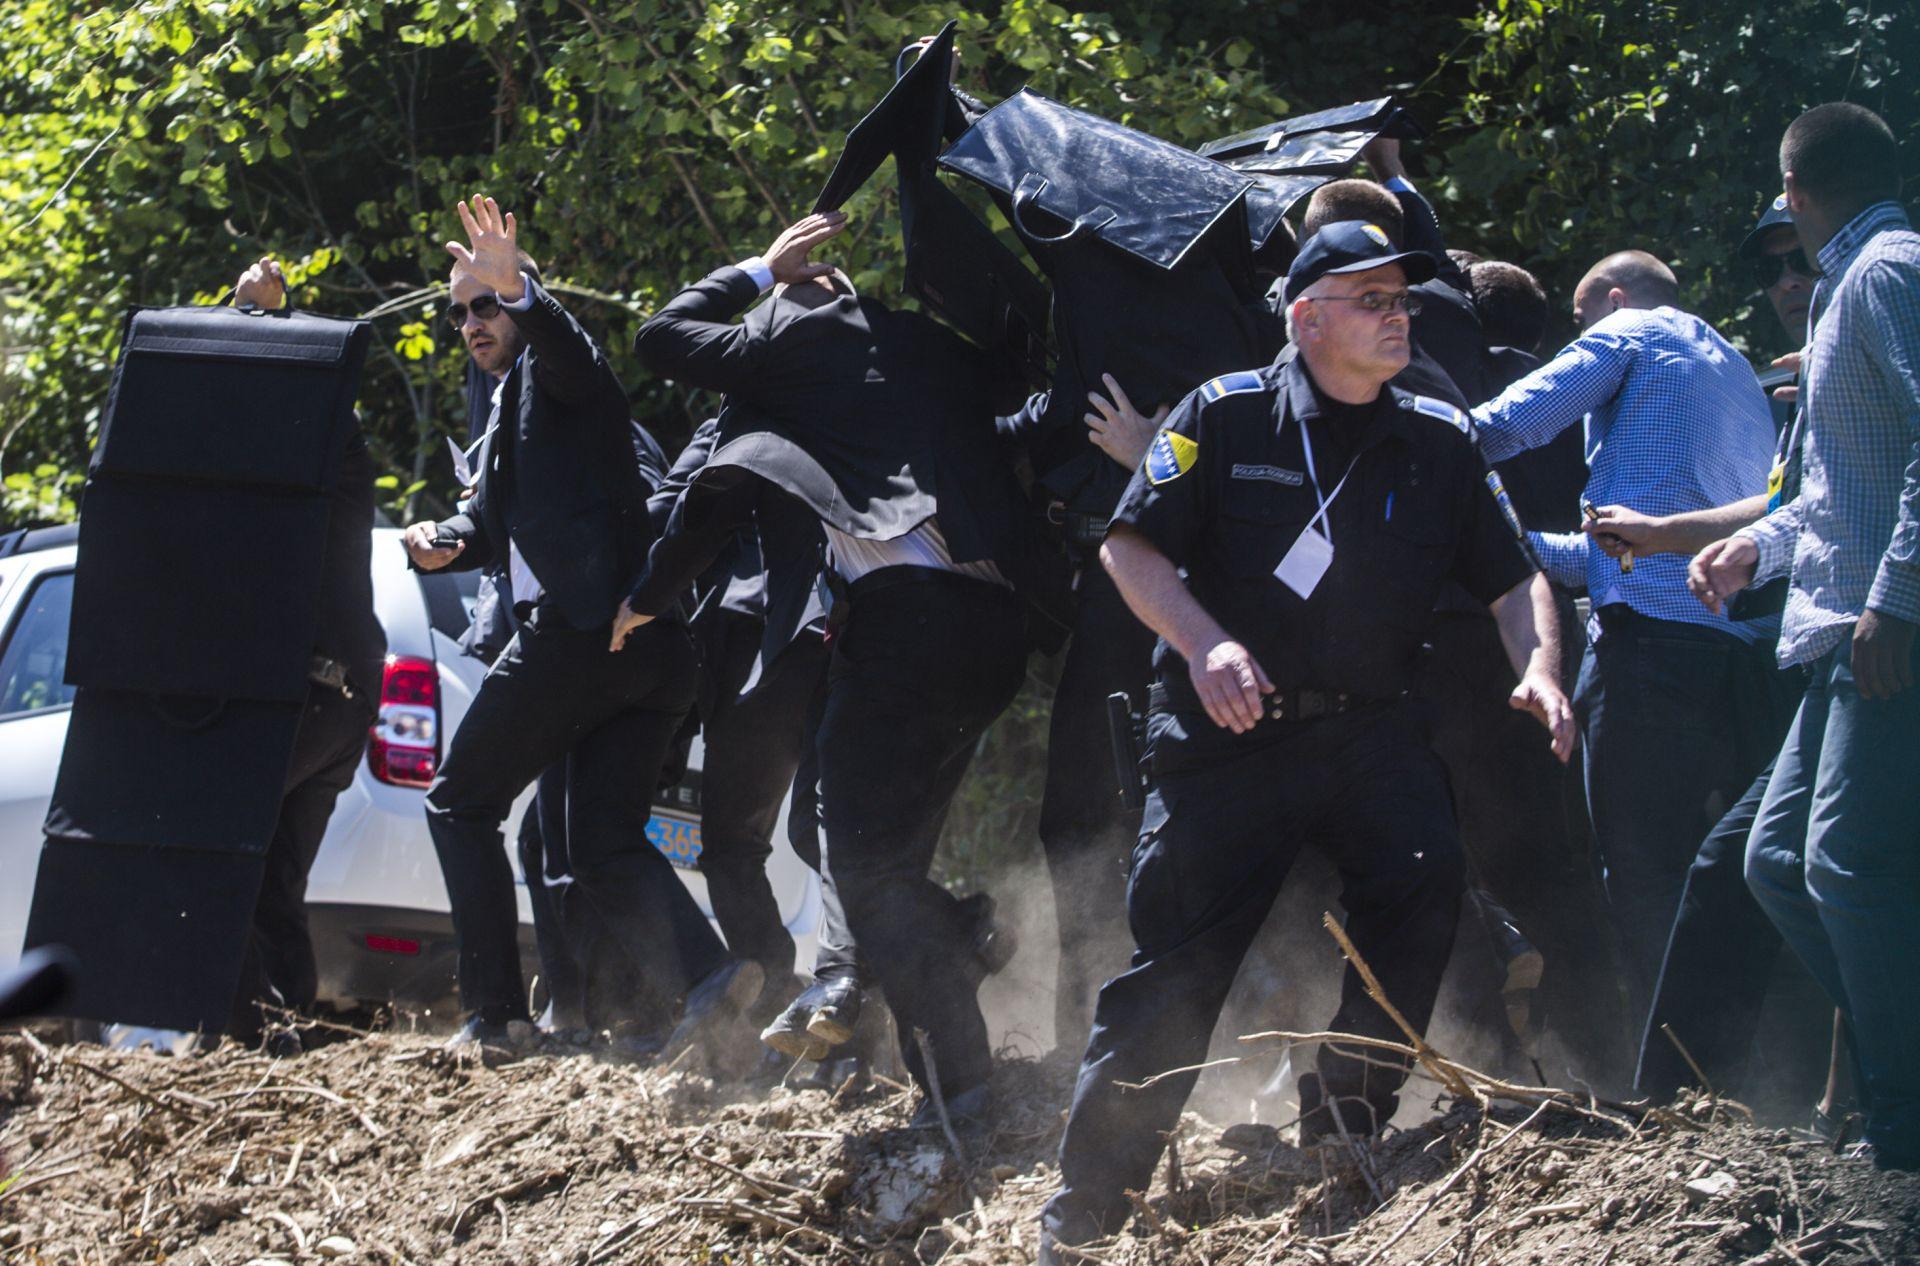 STUPANJ KOORDINACIJE POLICIJE Vijeće ministara BiH nezadovoljno sigurnosnim mjerama u Srebrenici